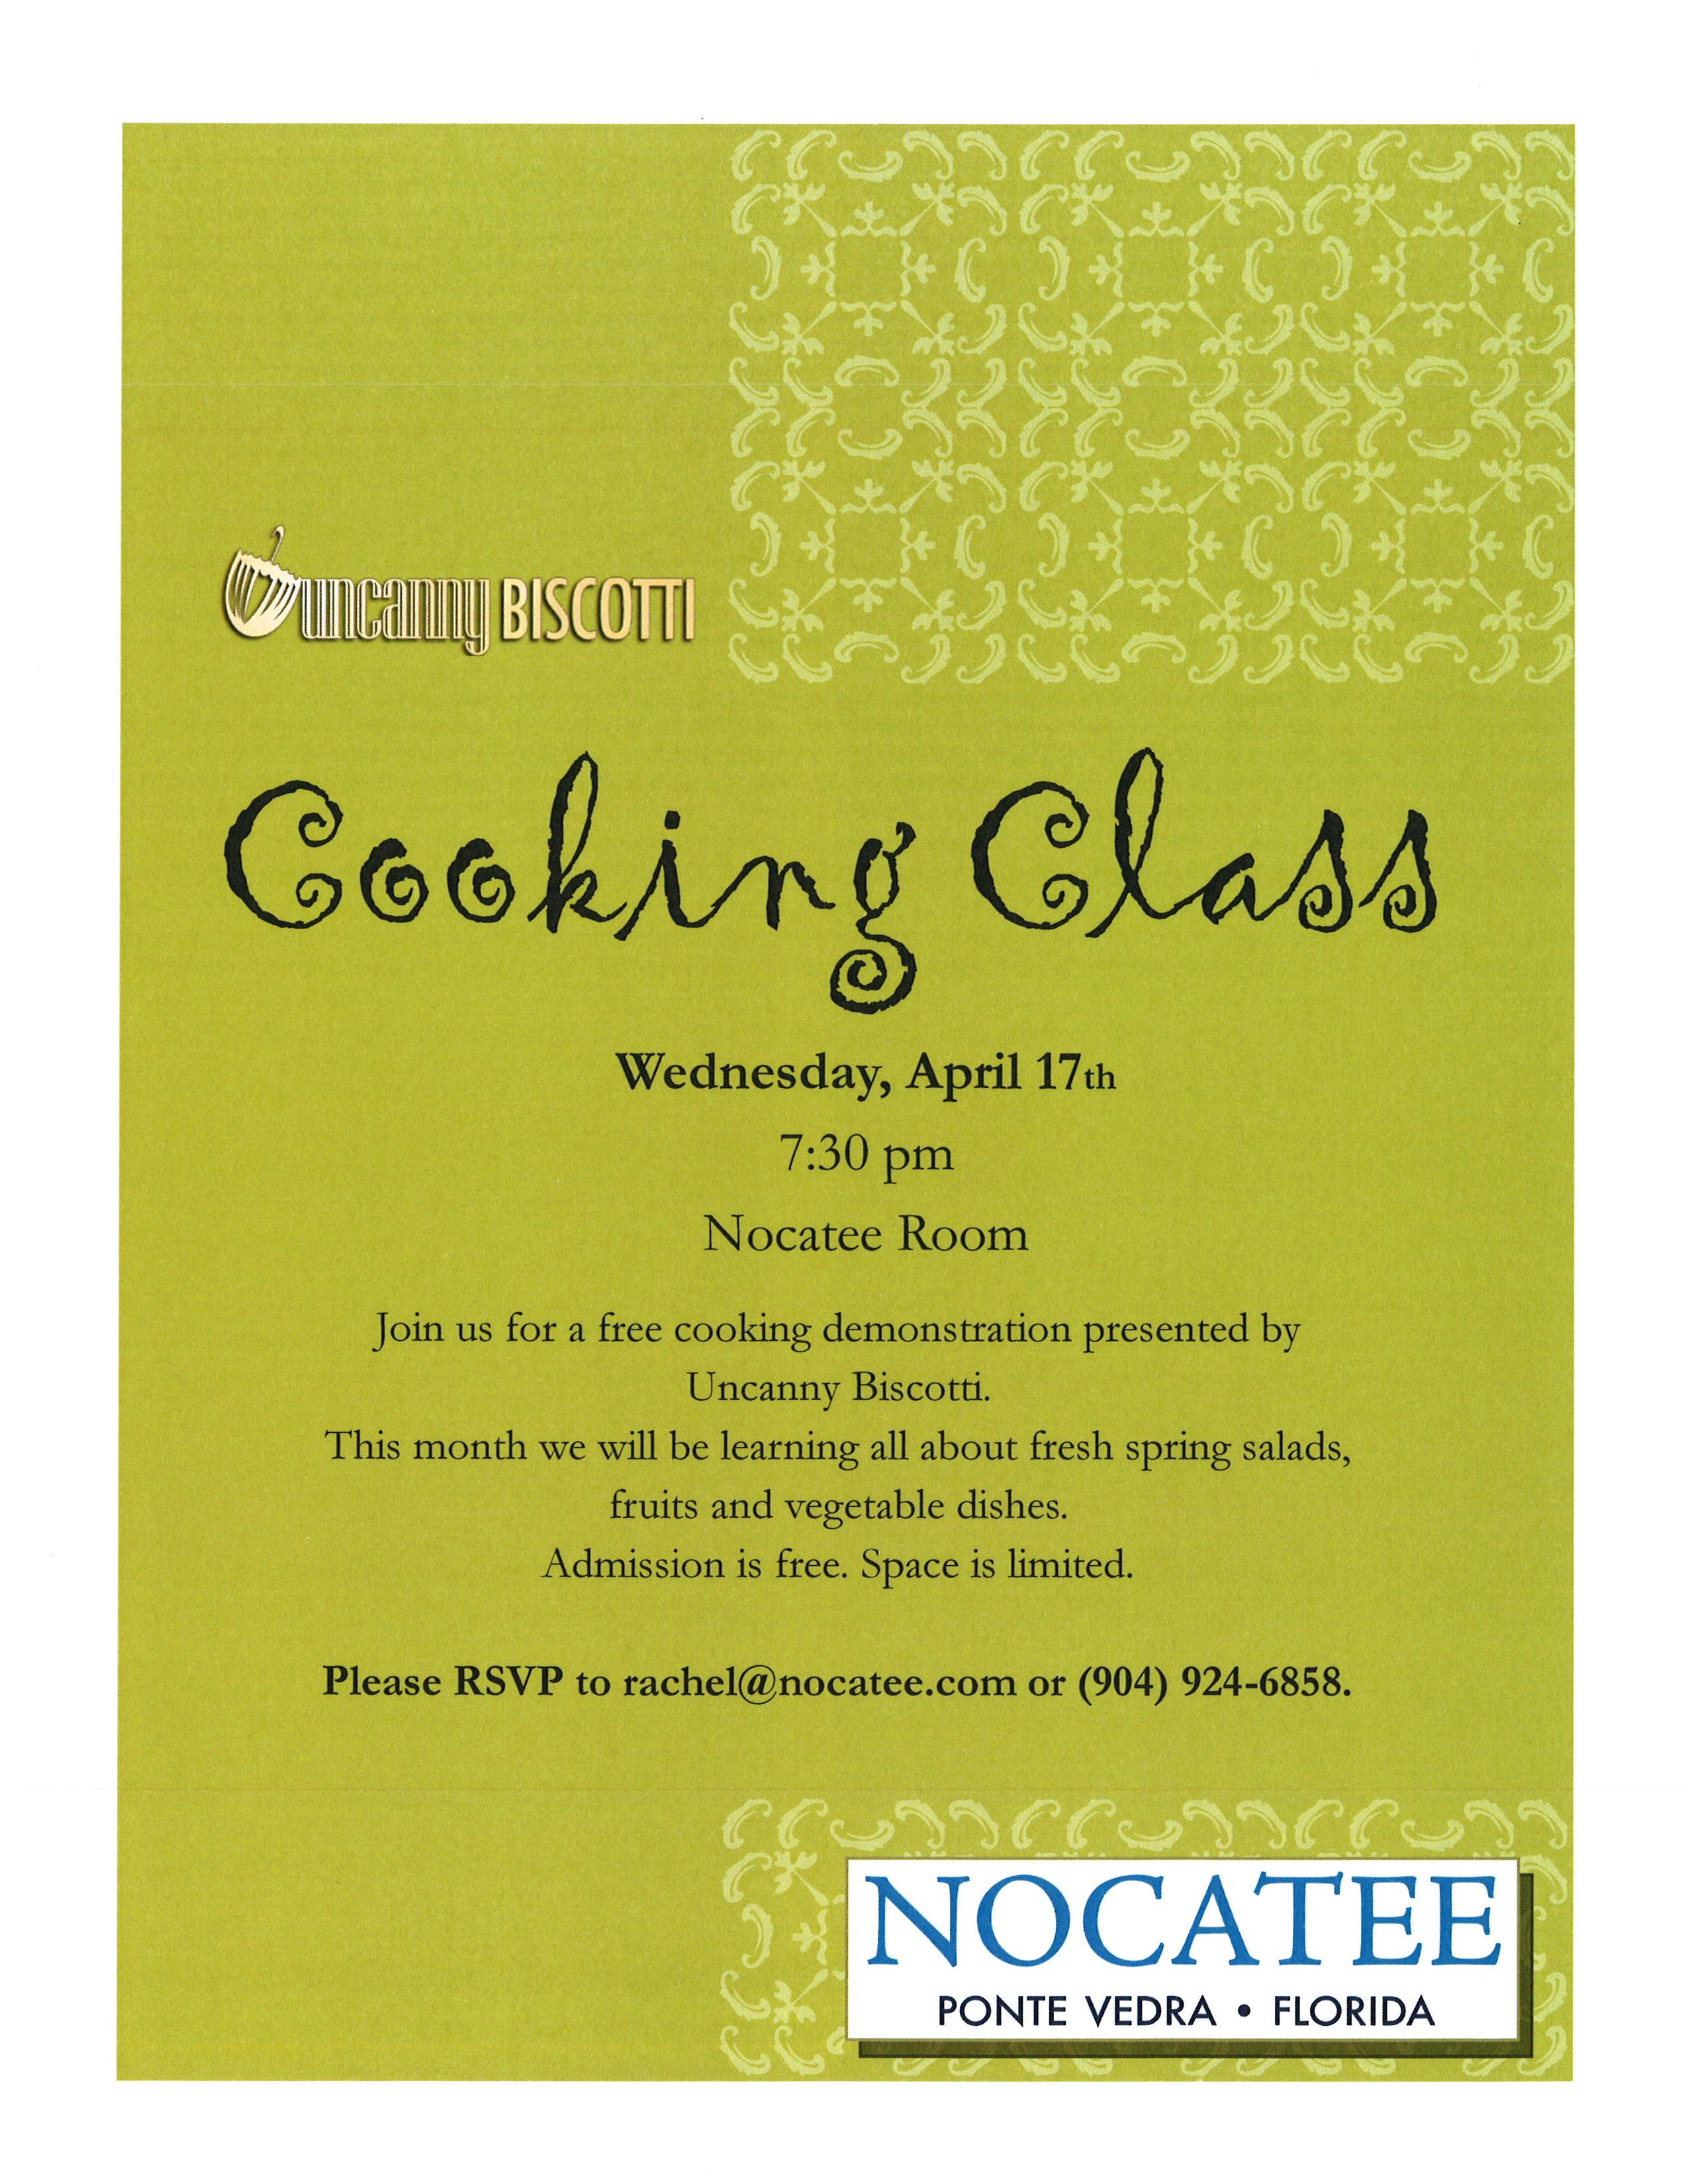 Nocatee cooking class flyer